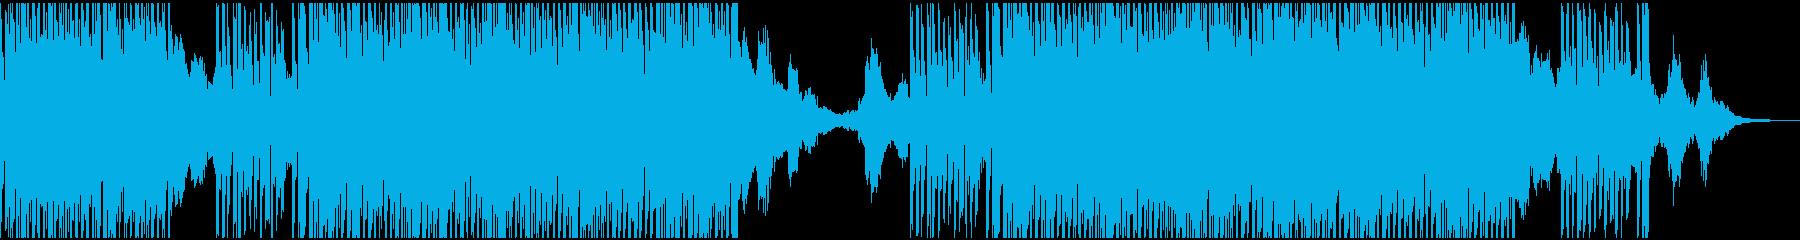 淡々と進行する渋い感じのテクノサウンドの再生済みの波形